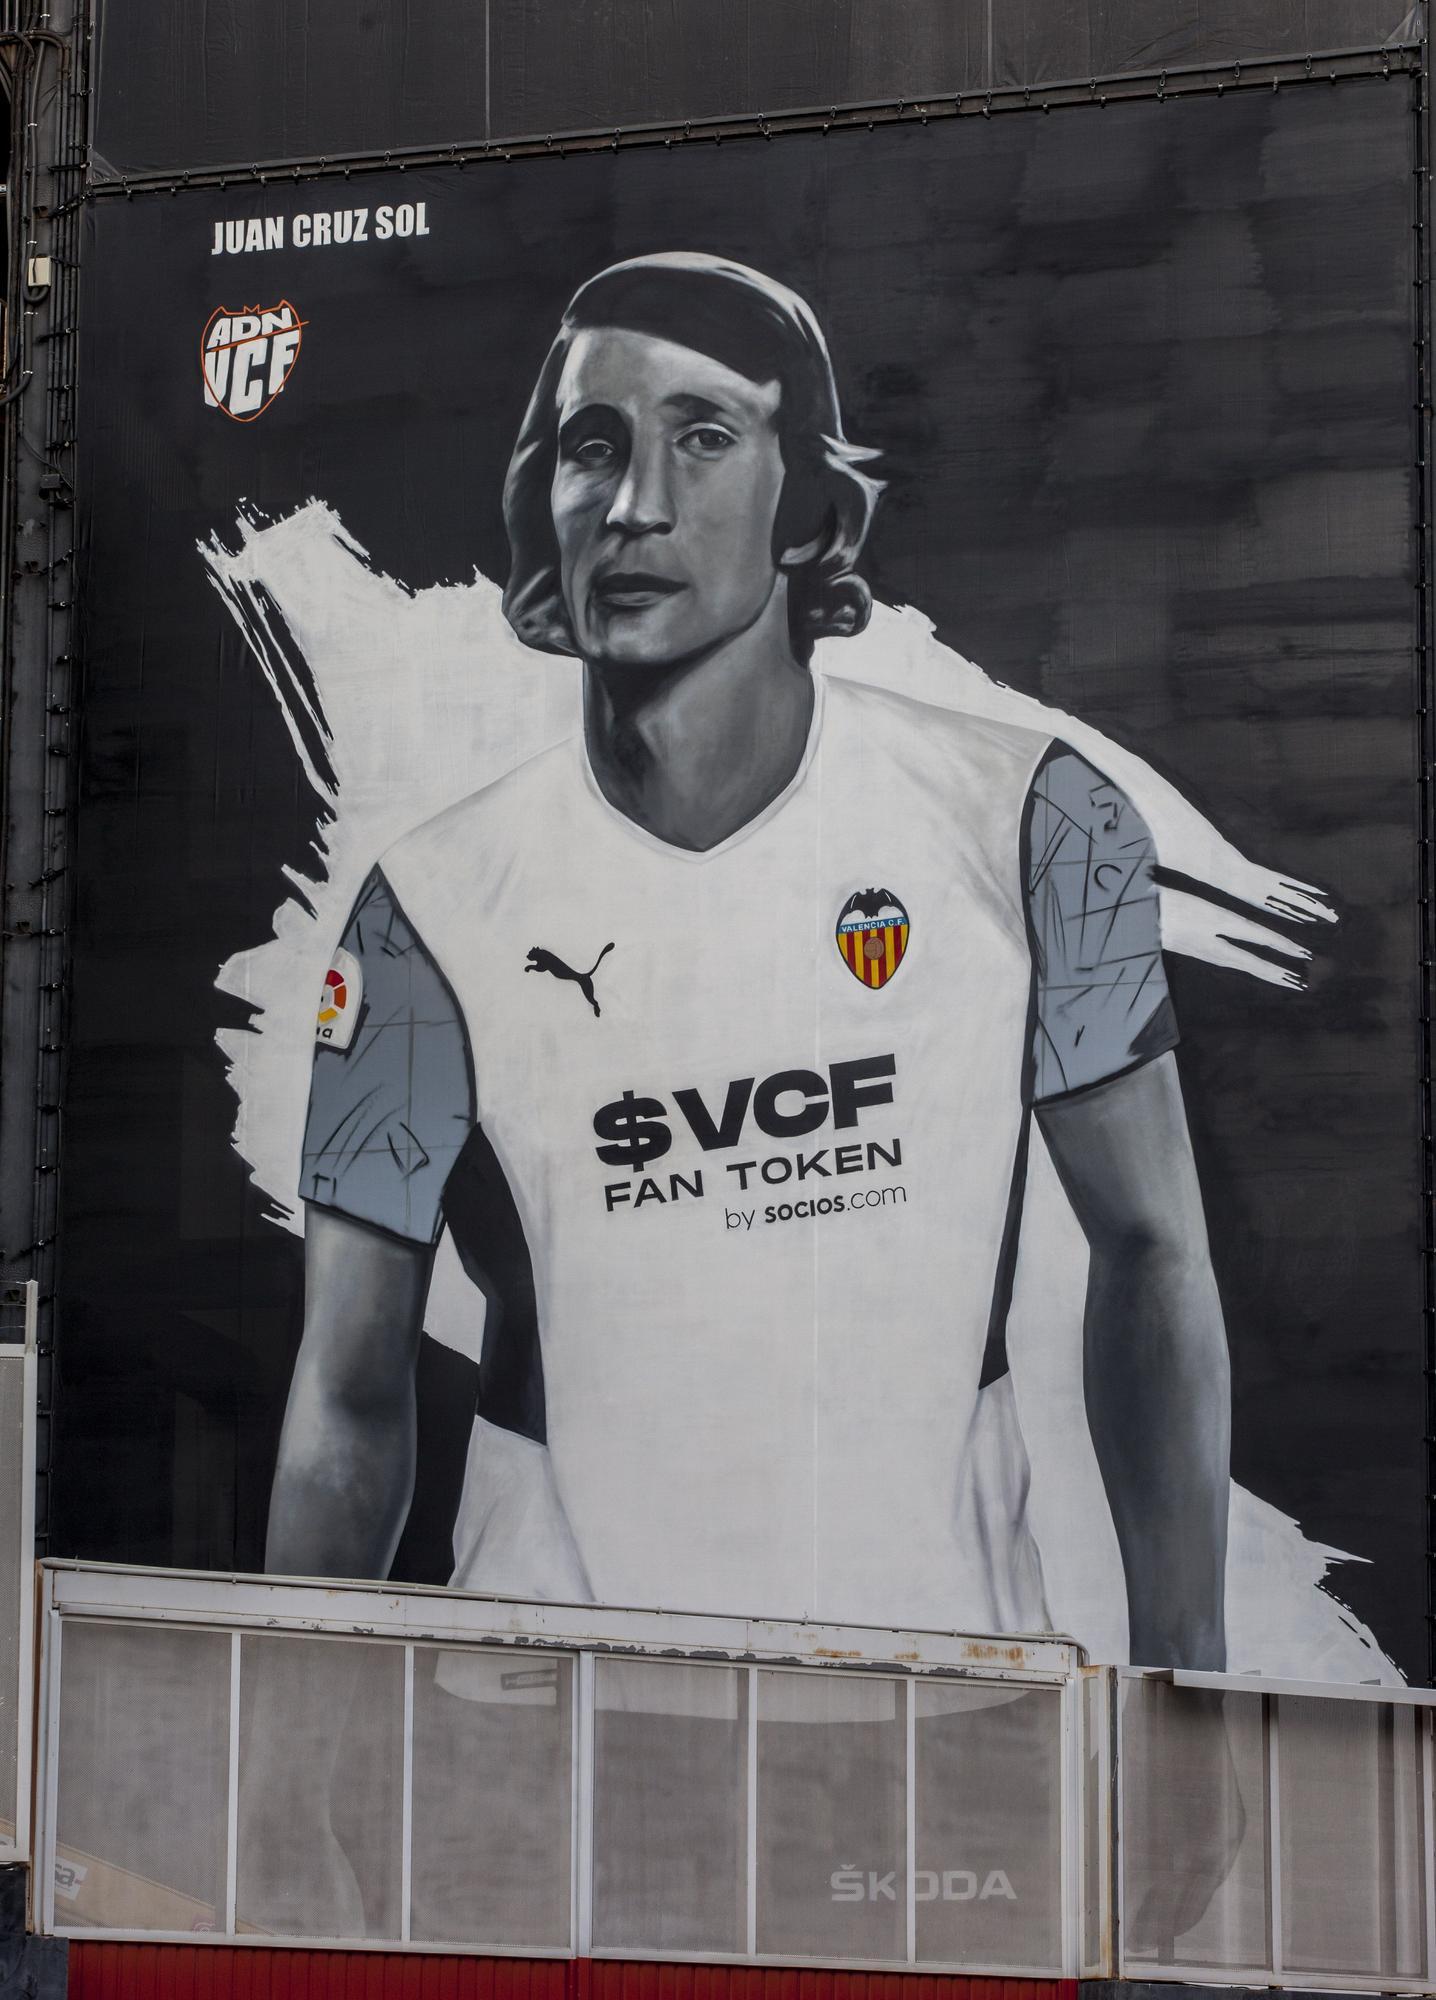 El emotivo mural homenaje del Valencia CF a la leyenda Juan Cruz Sol en Mestalla